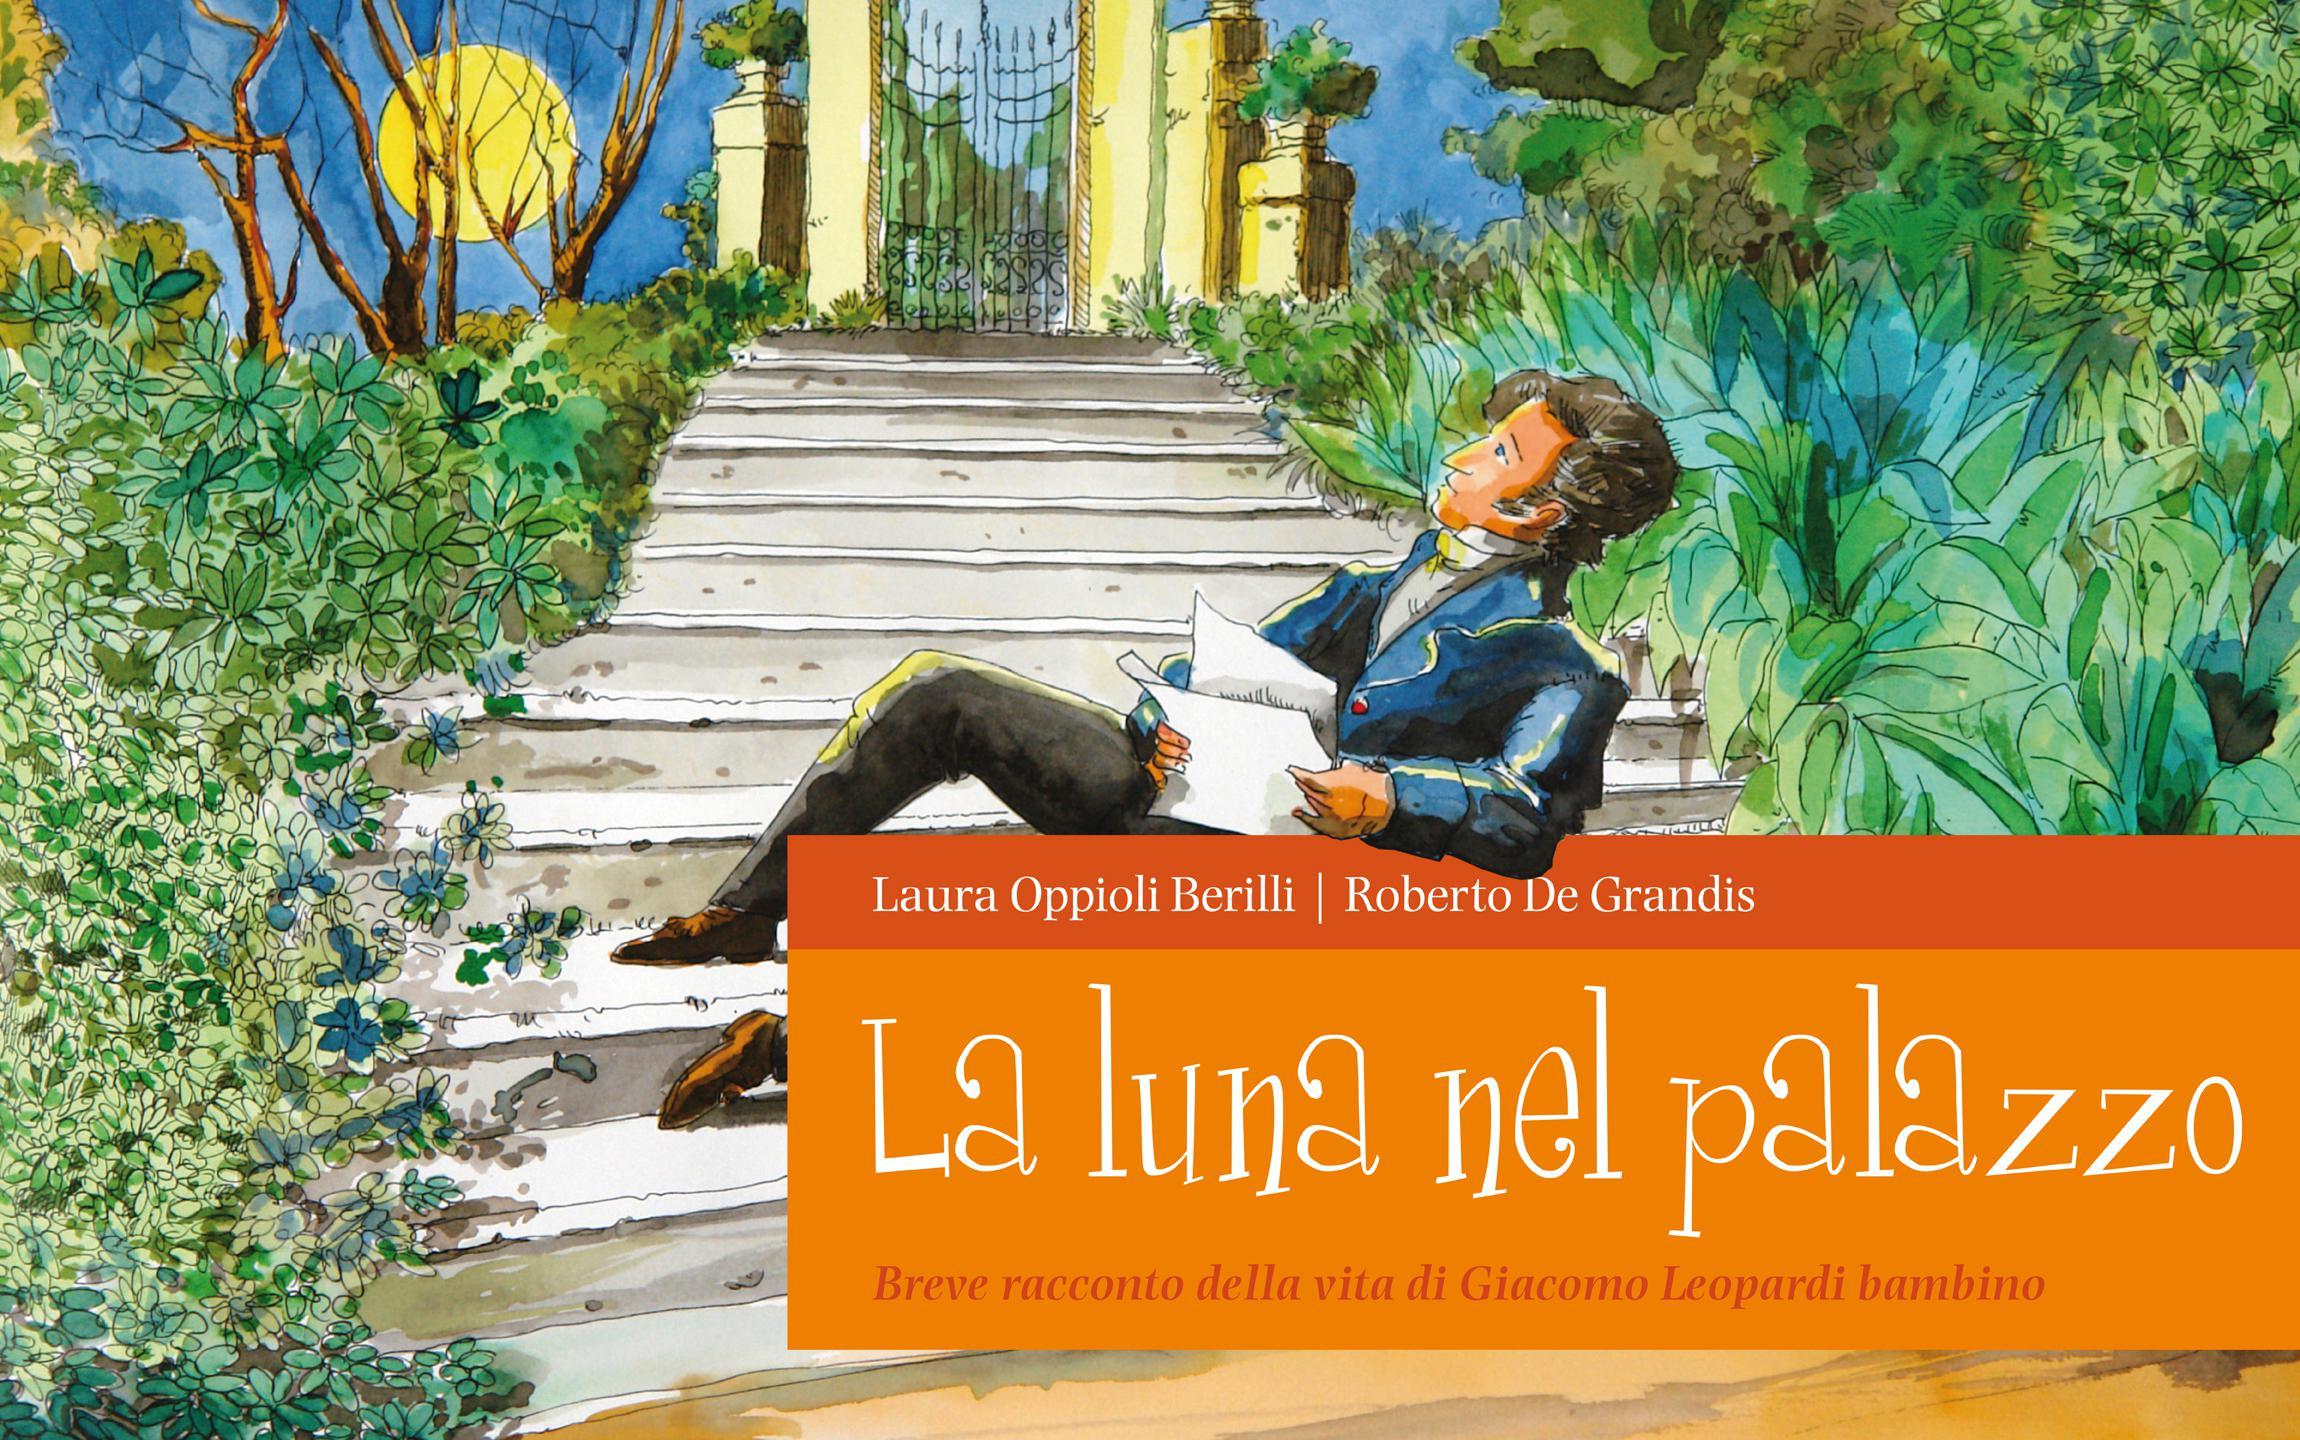 La luna nel palazzo - Breve racconto della vita di Giacomo Leopardi bambino